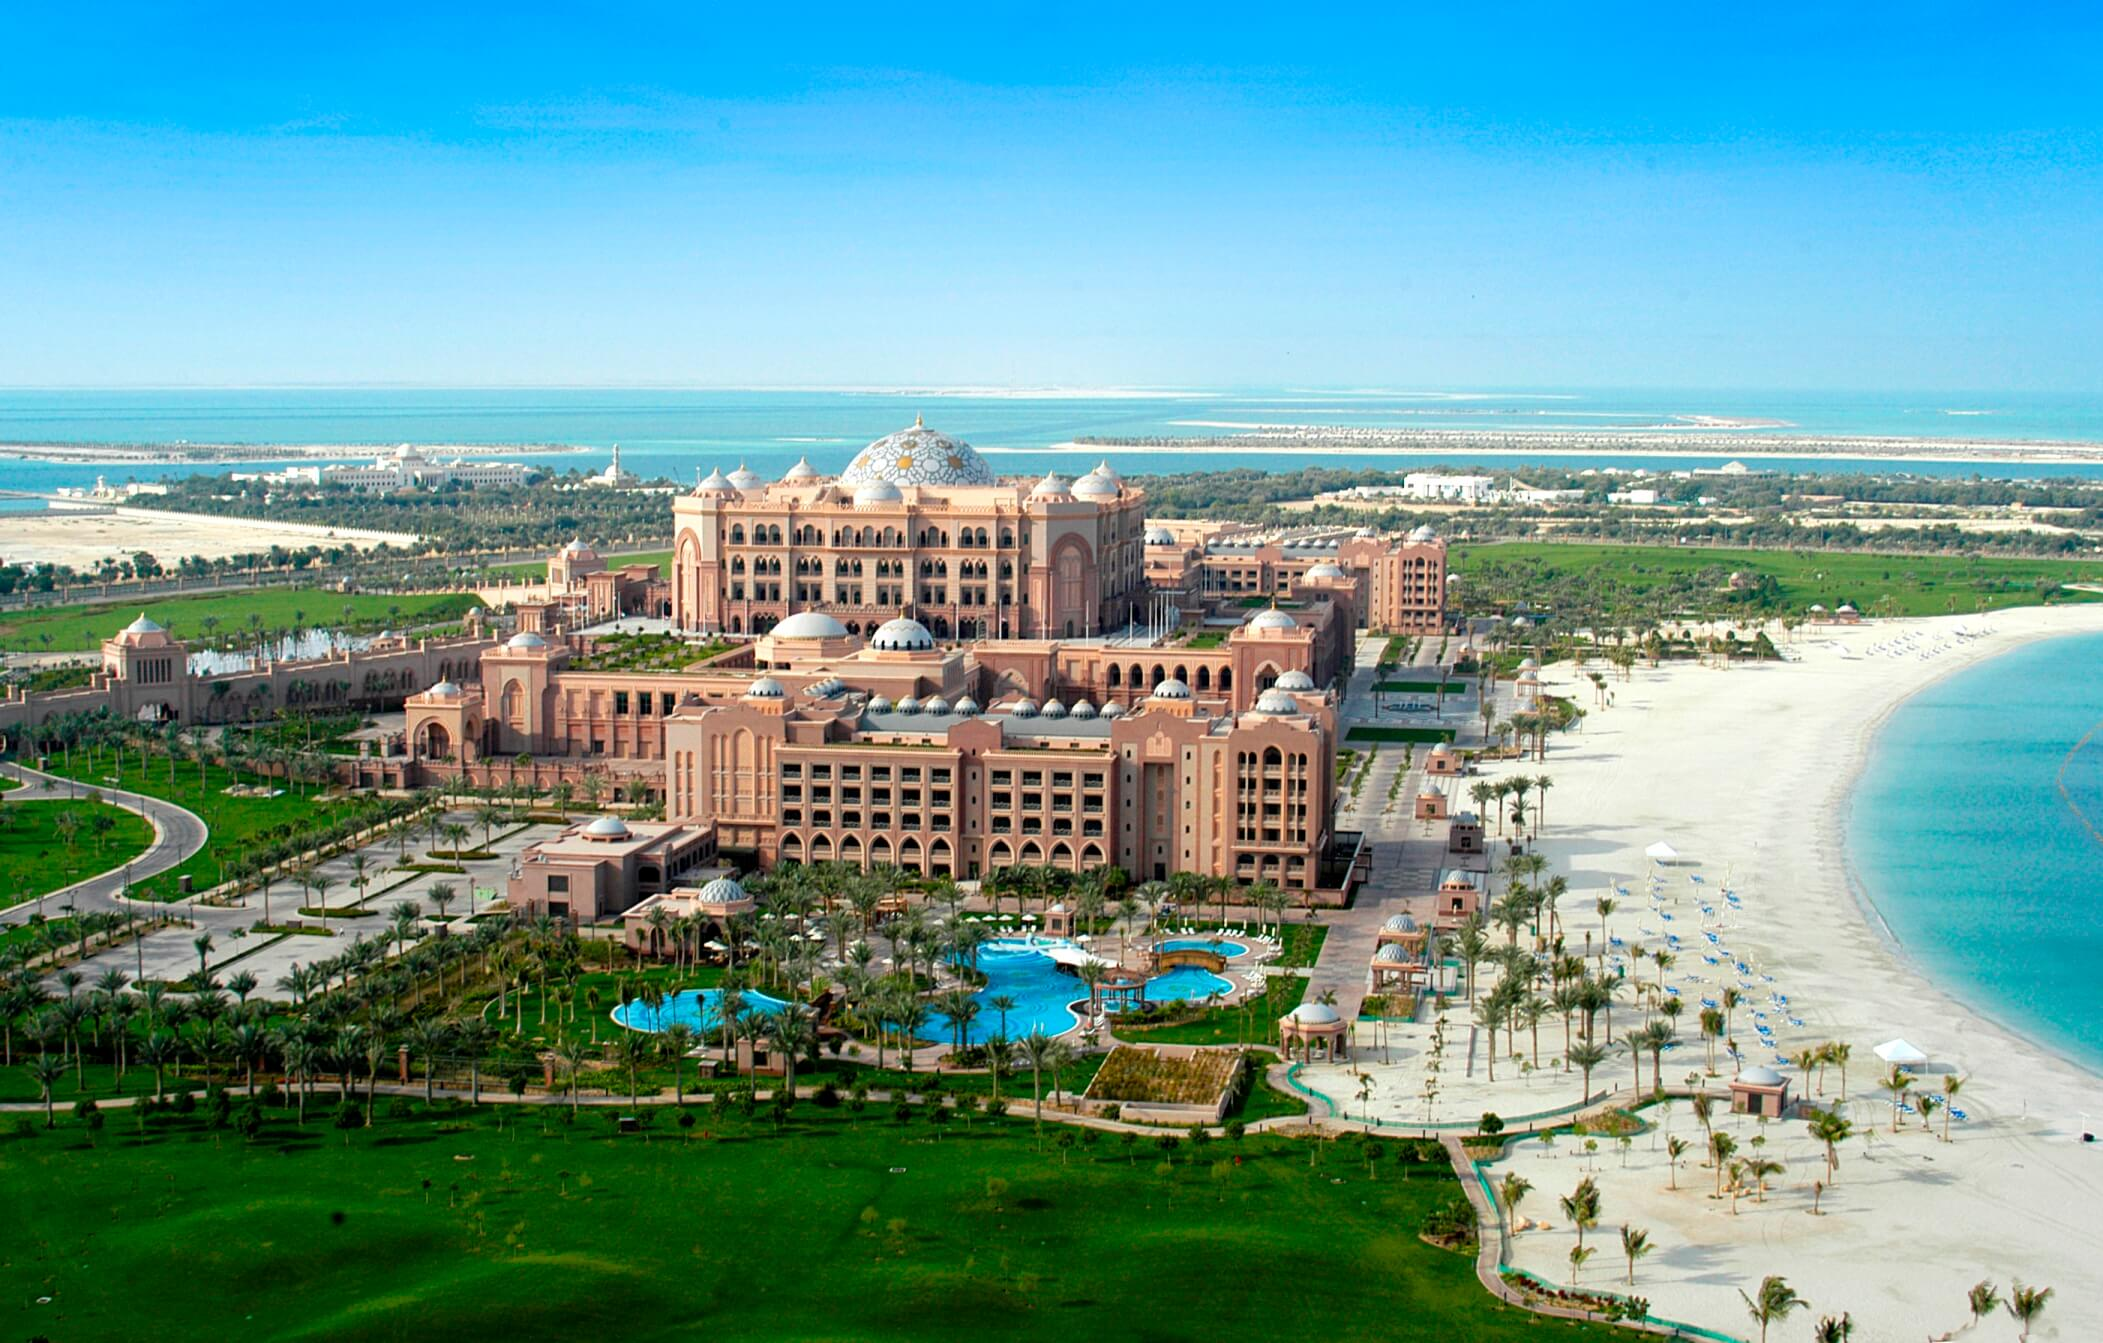 """""""نادي الشاطئ"""" في قصر الامارات يتيح لزواره قضاء أروع الأوقات"""